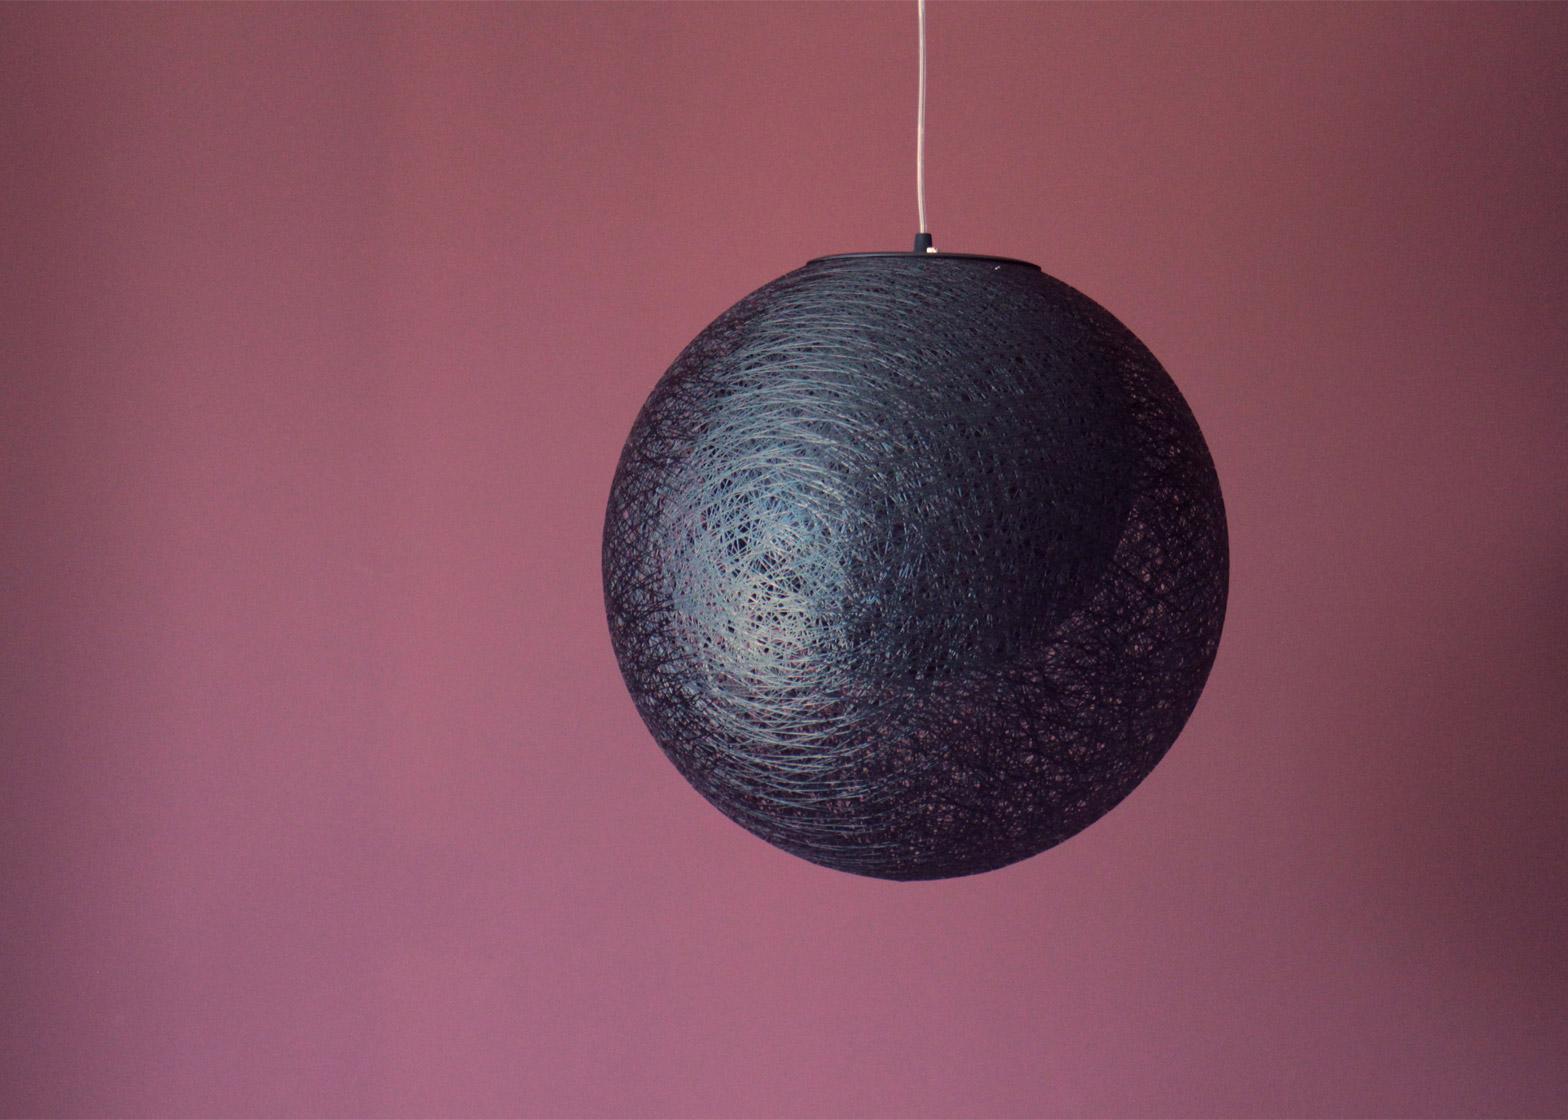 Mayuhana black by Toyo Ito